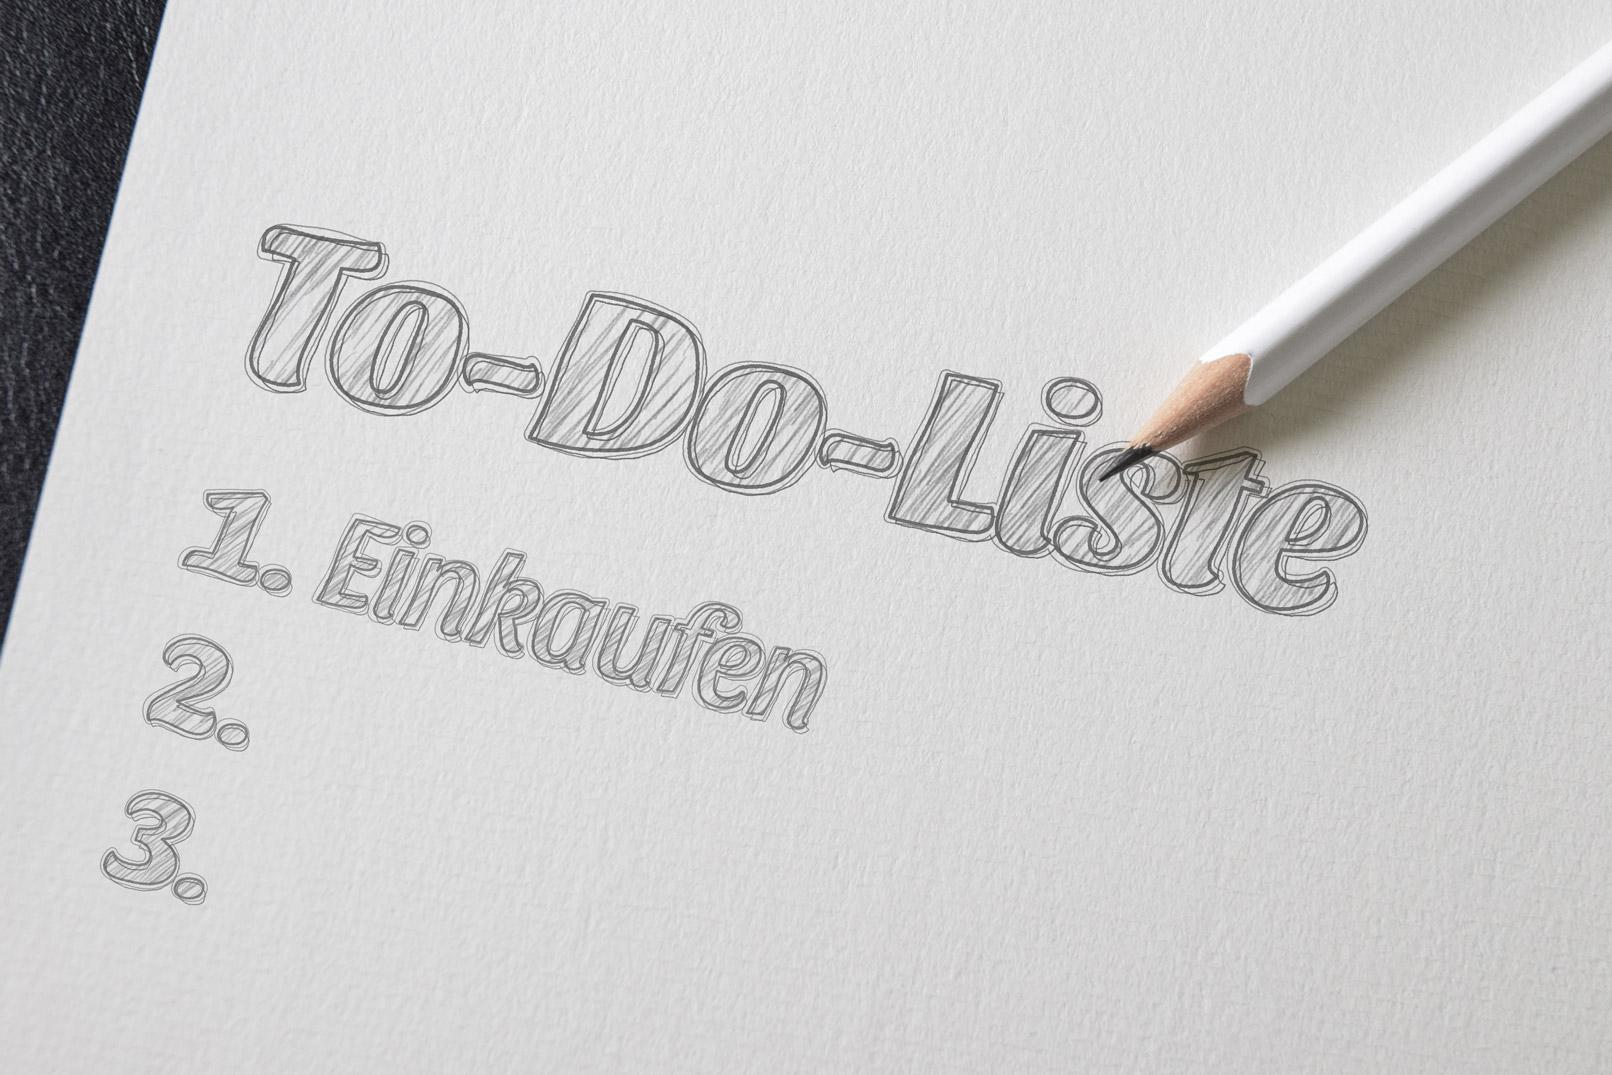 To-do-Liste auf Papier im Bleistift-Look, erstellt mit Photoshop-Smartobjekten und Mustern